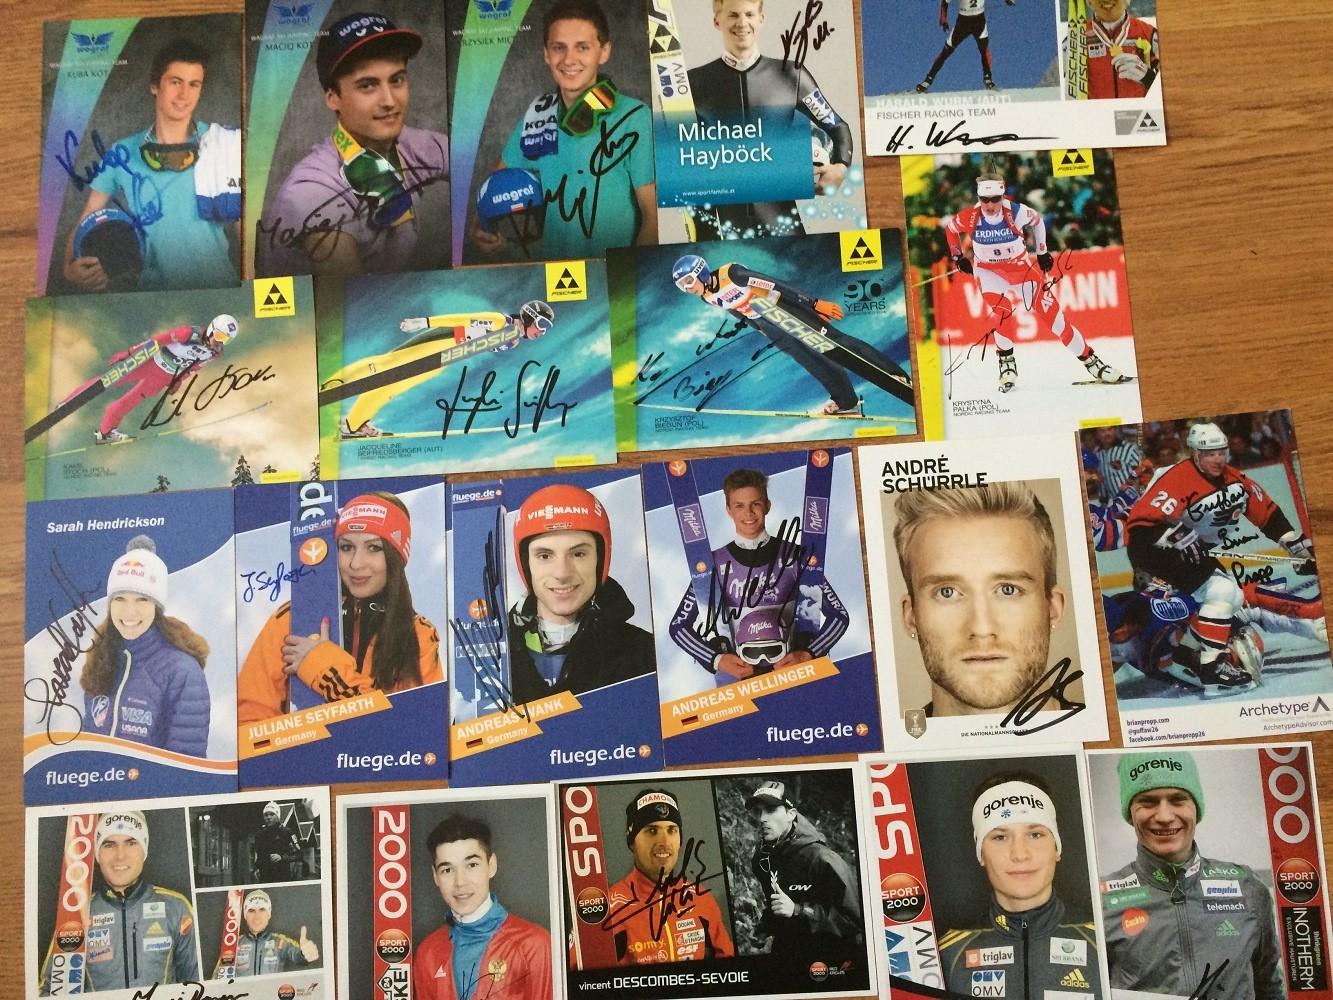 Autografy sportowców - wymiana autografów